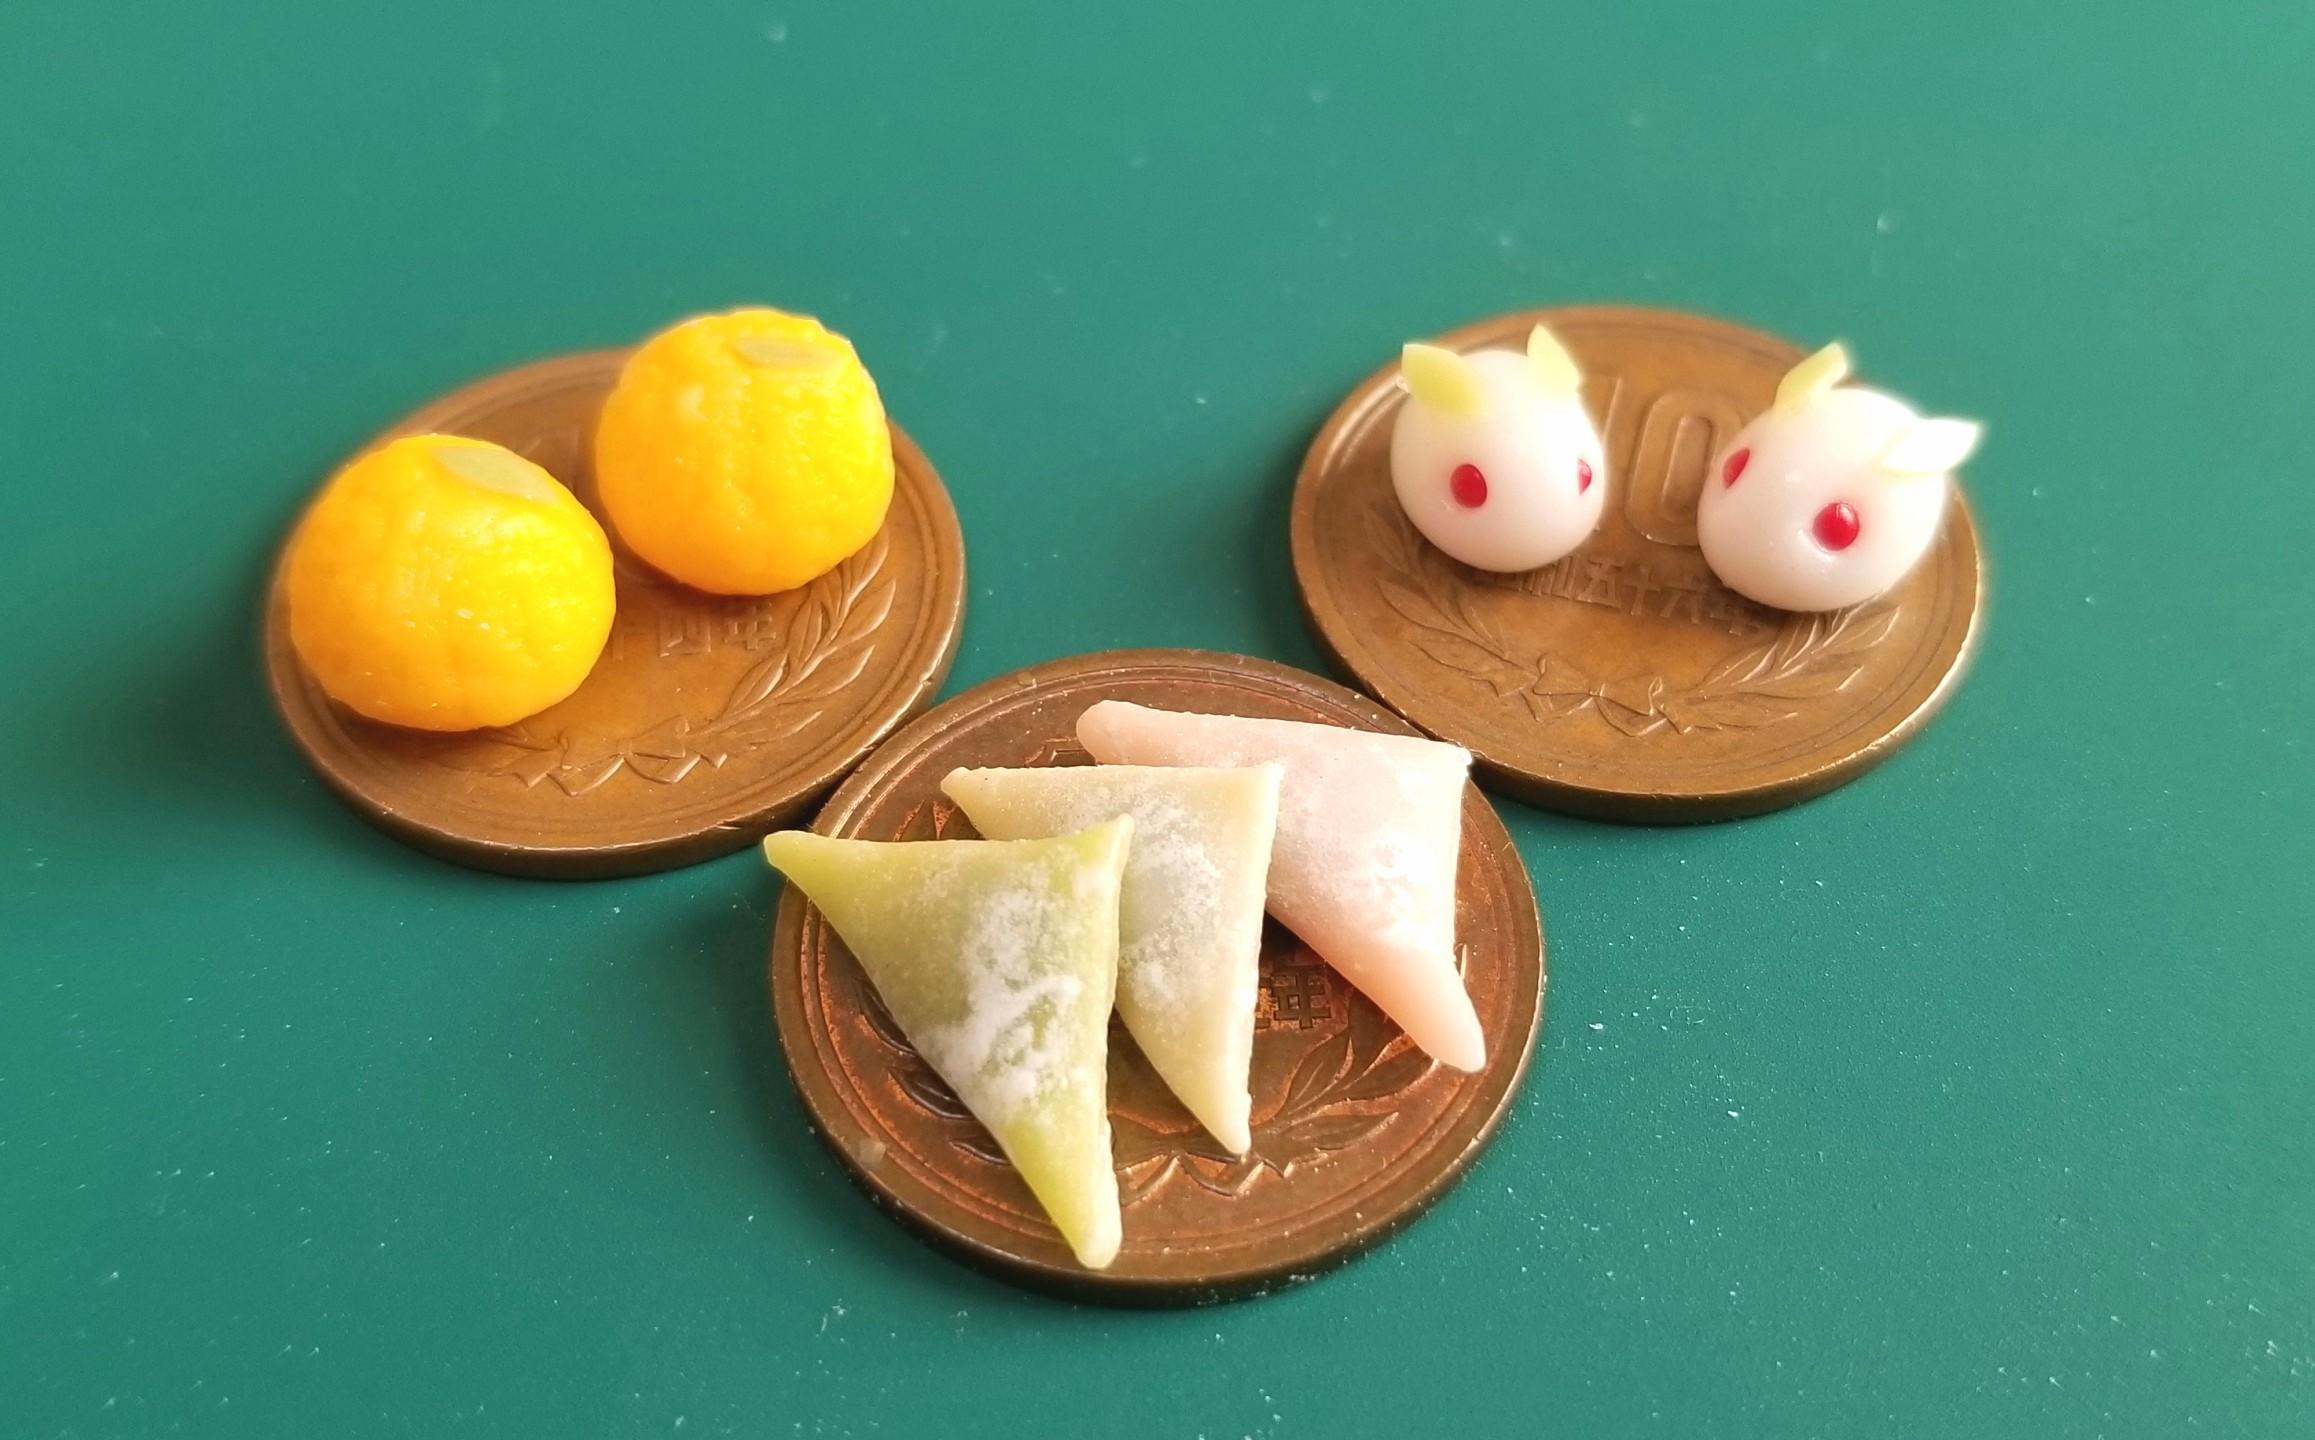 ミニチュアフード,和菓子,八ツ橋,うさぎ饅頭,夏みかん大福,樹脂粘土